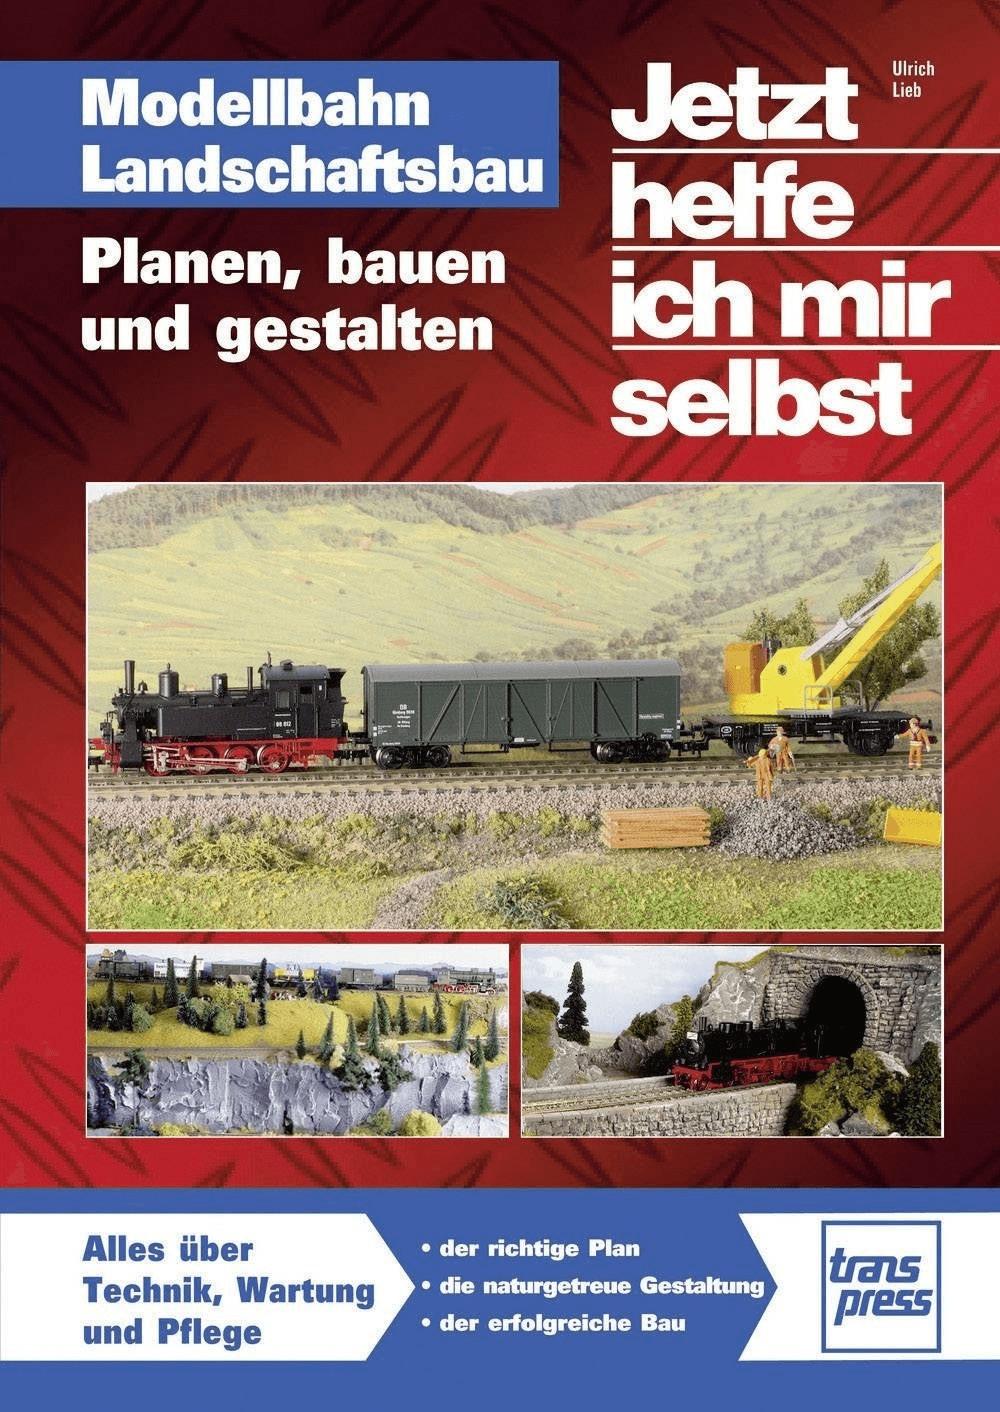 Modellbahn Landschaftsbau (Lieb, Ulrich)